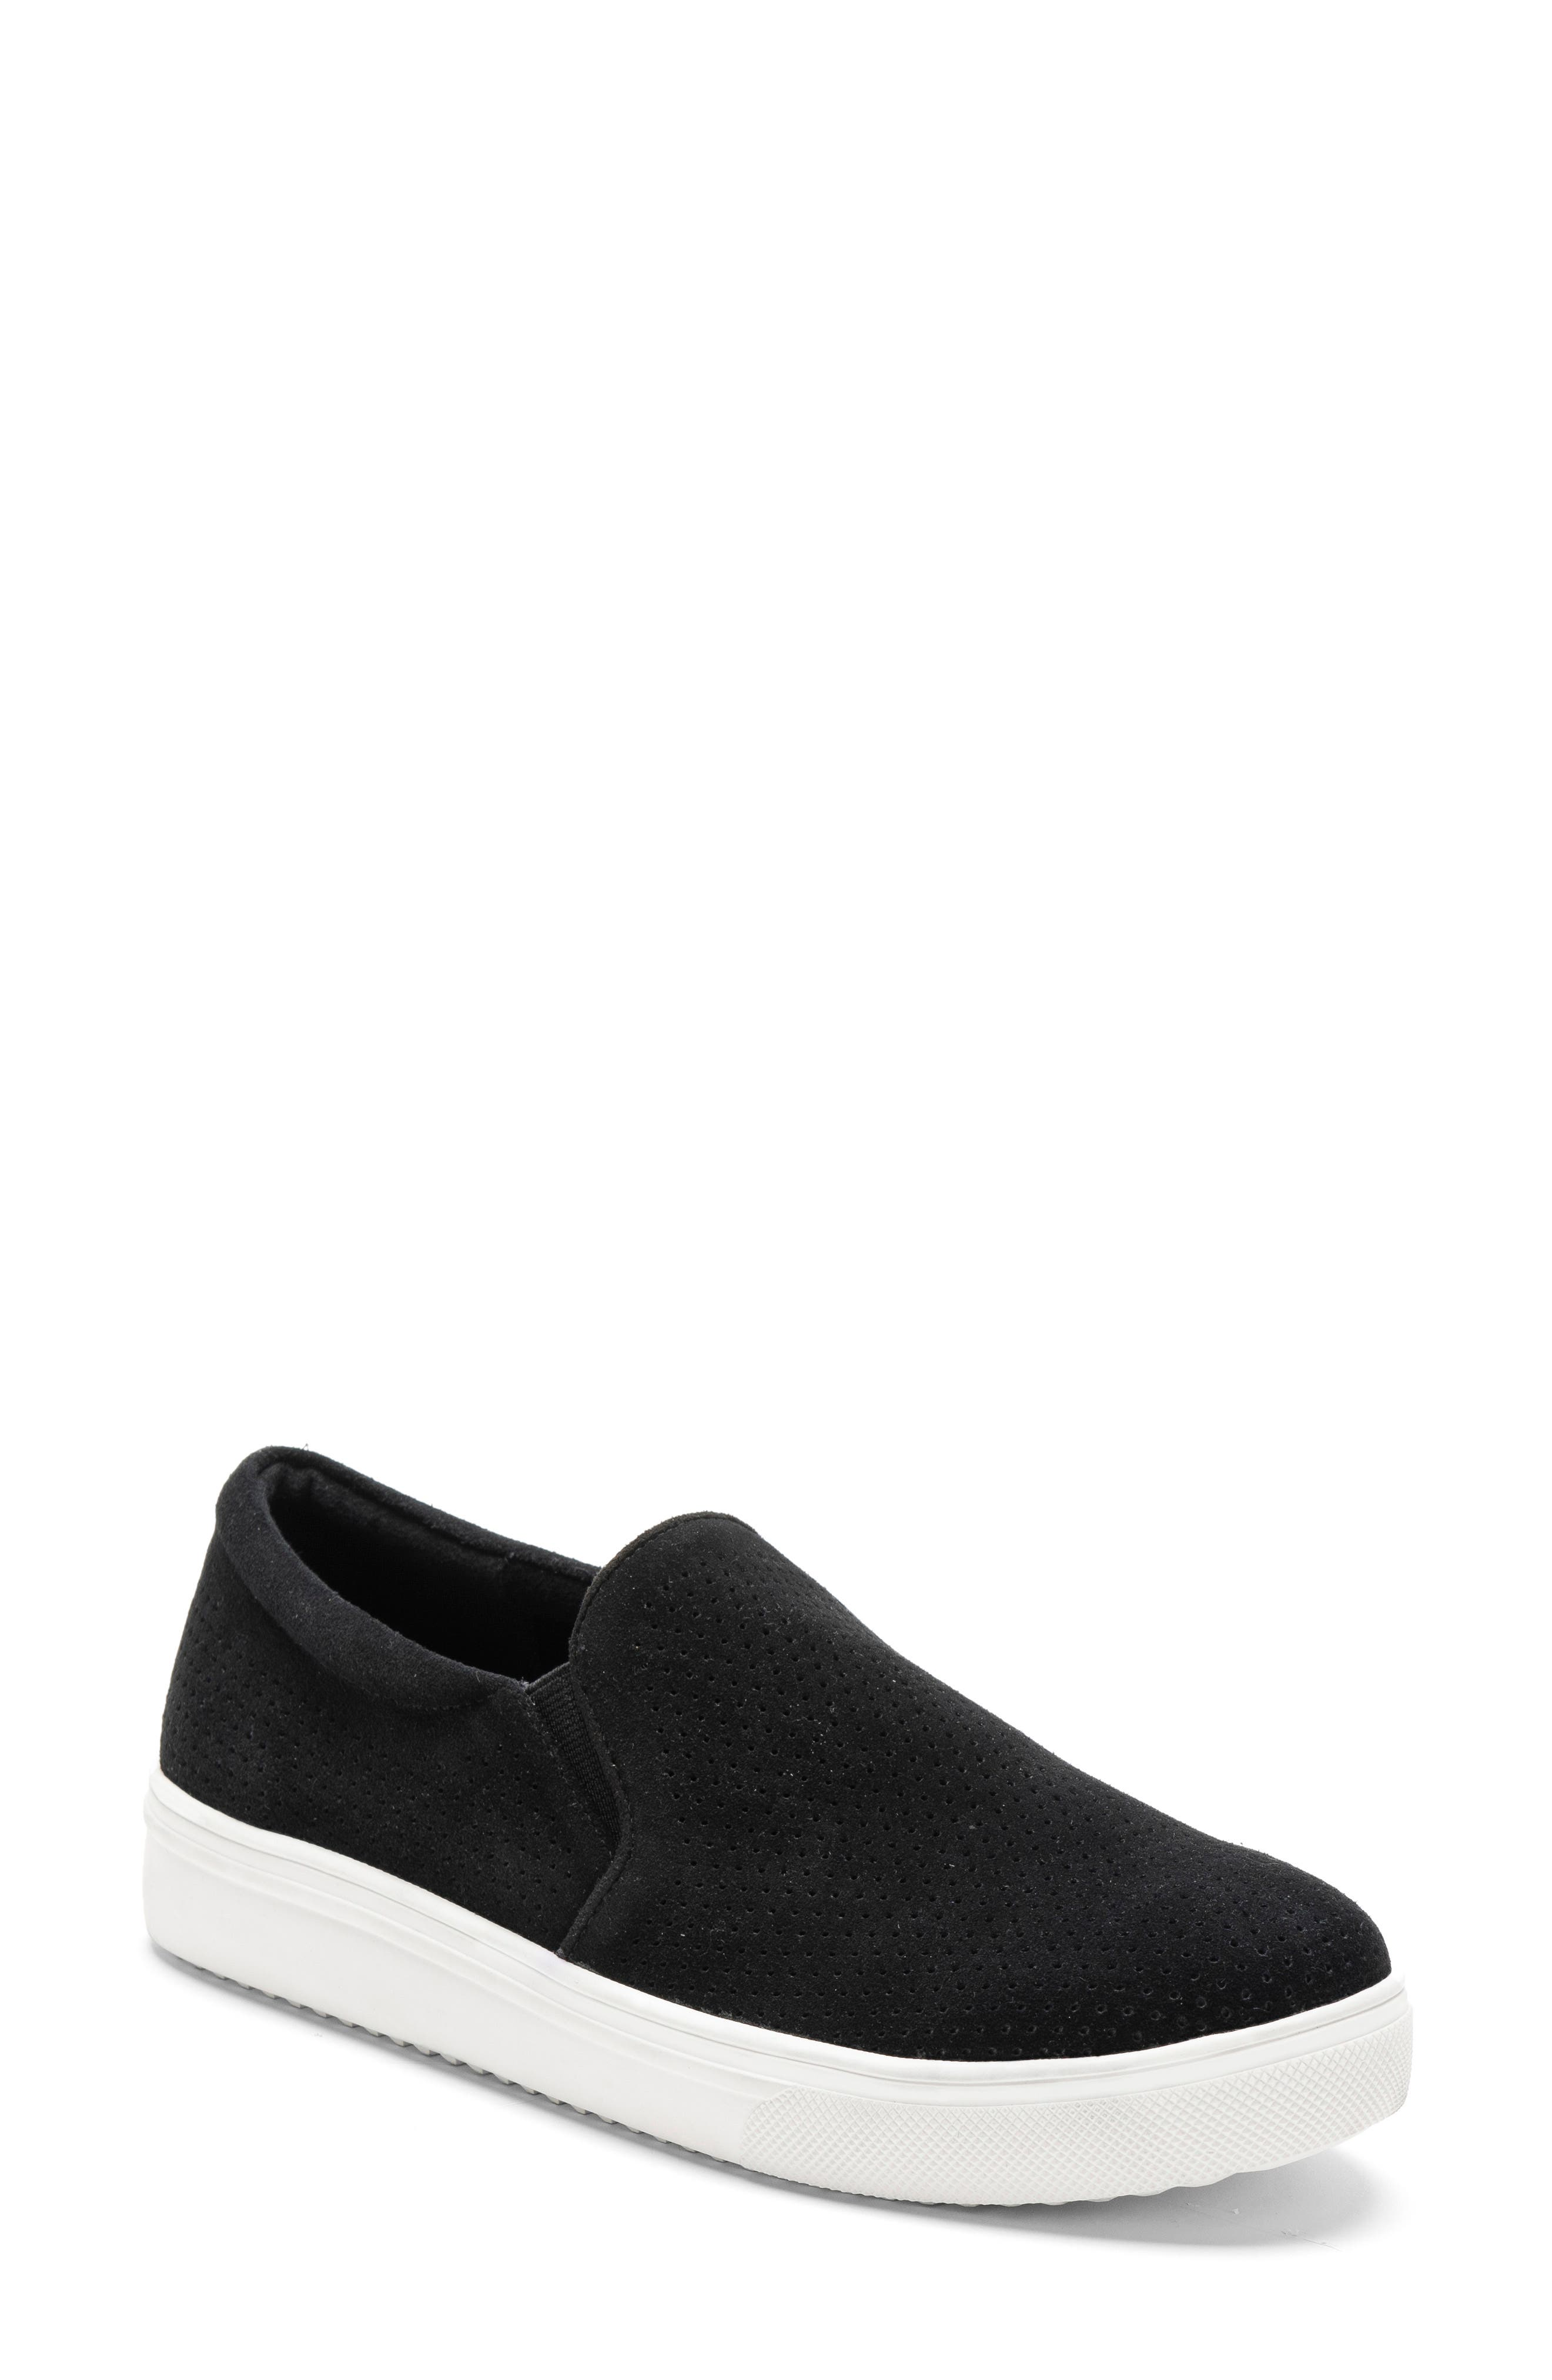 Blondo Gallert Perforated Waterproof Platform Sneaker (Women)